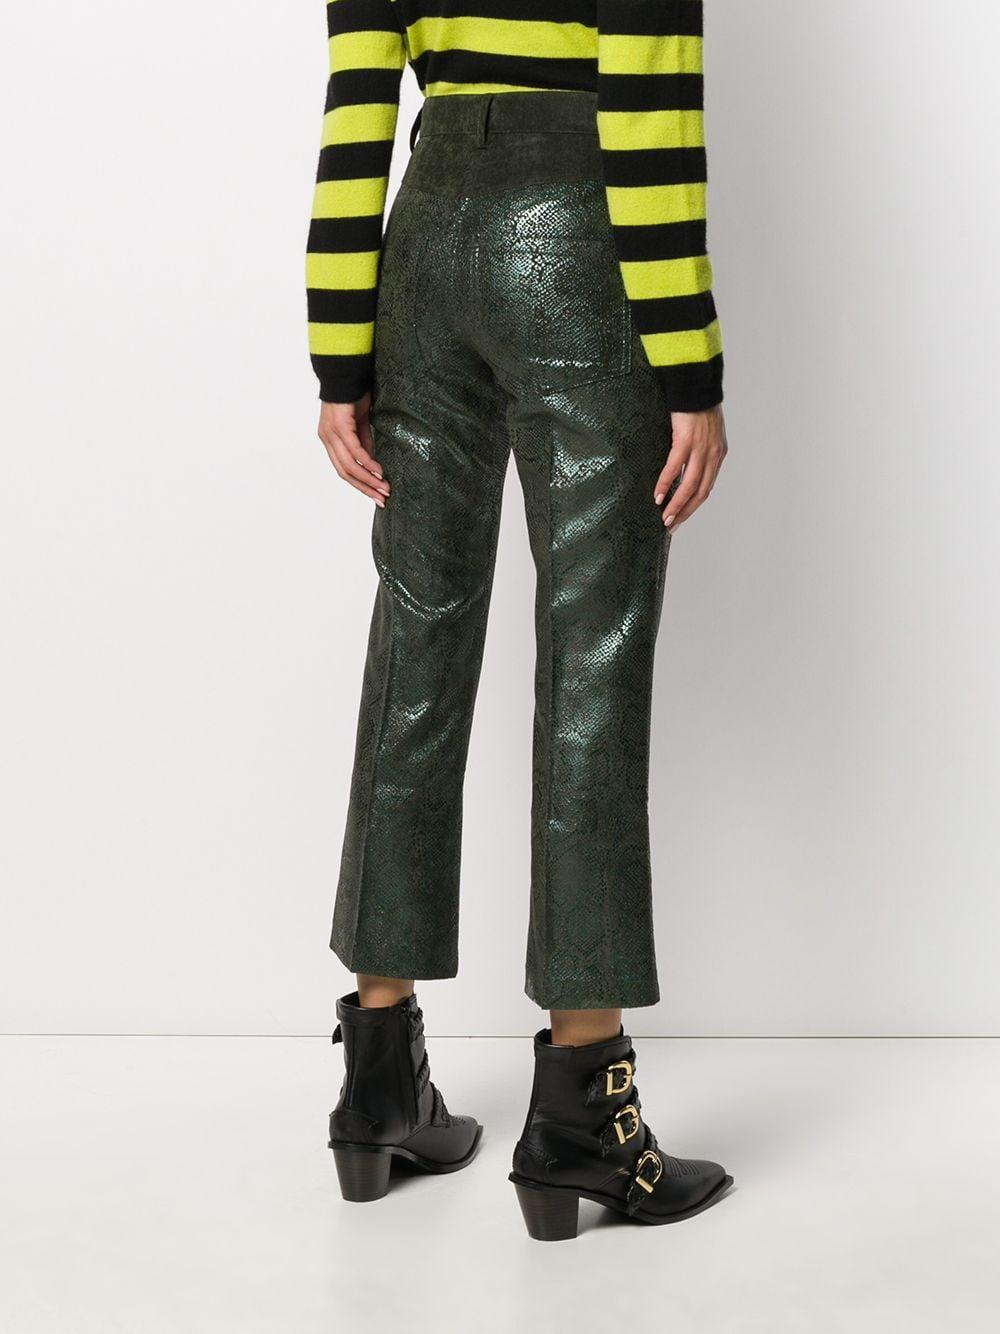 Pantalones capri con efecto de piel de serpiente 8pm de Pana de color Verde